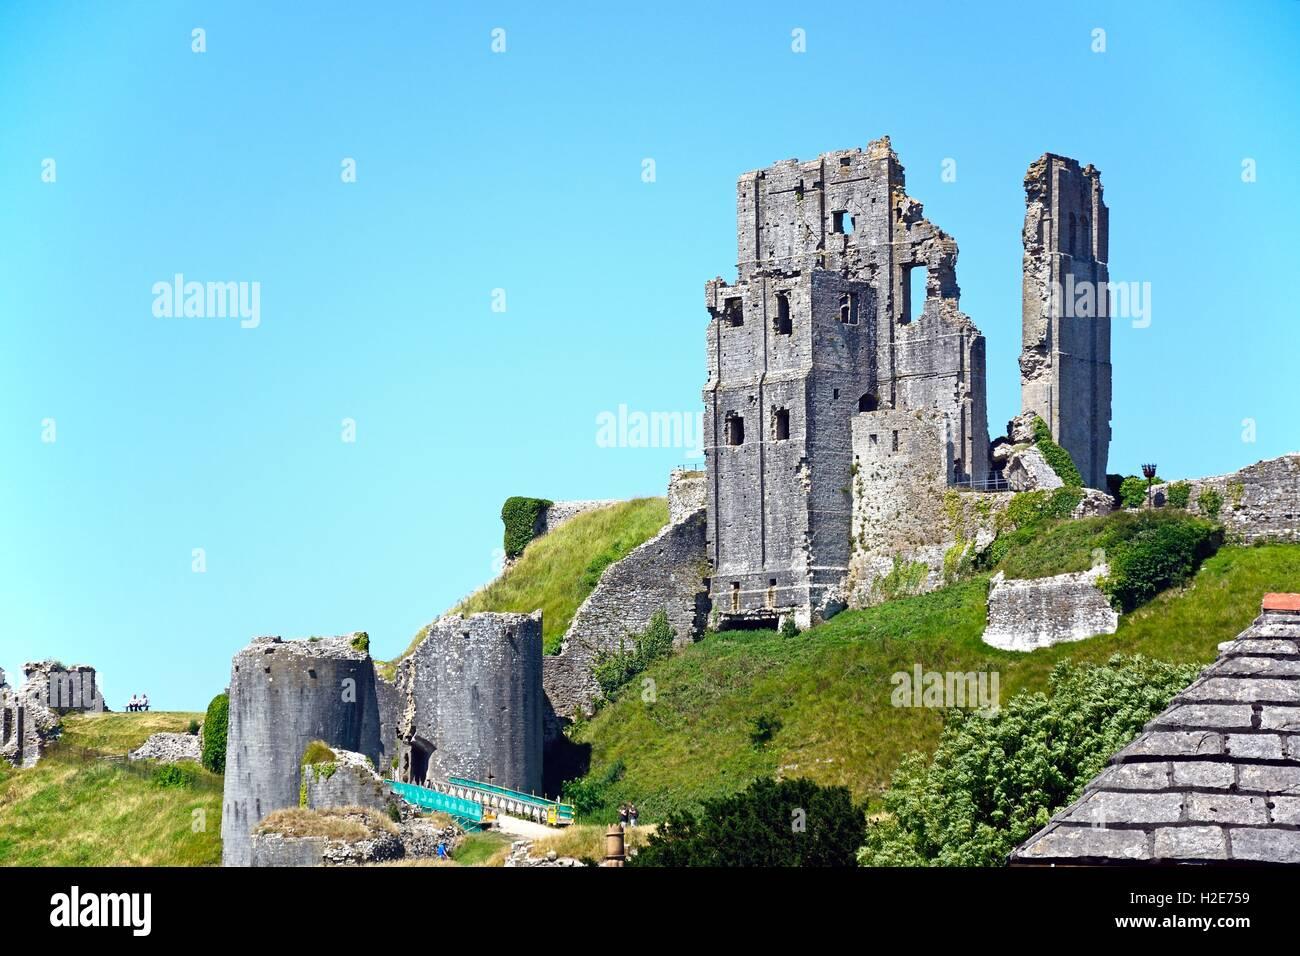 Avis de Corfe castle sur la colline, Corfe, Dorset, Angleterre, Royaume-Uni, Europe de l'Ouest. Photo Stock